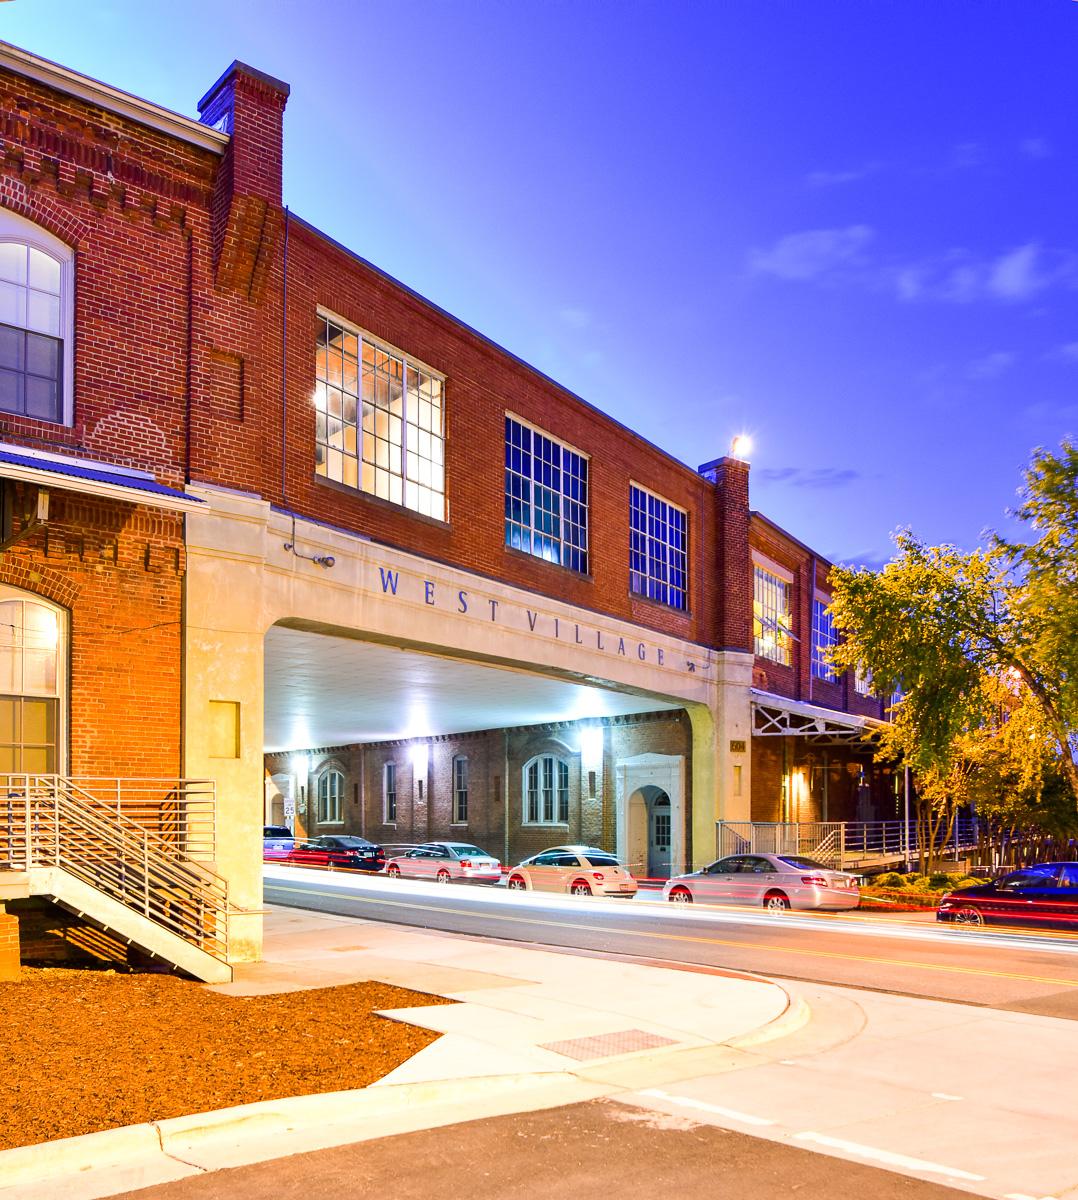 West Village In Durham, NC